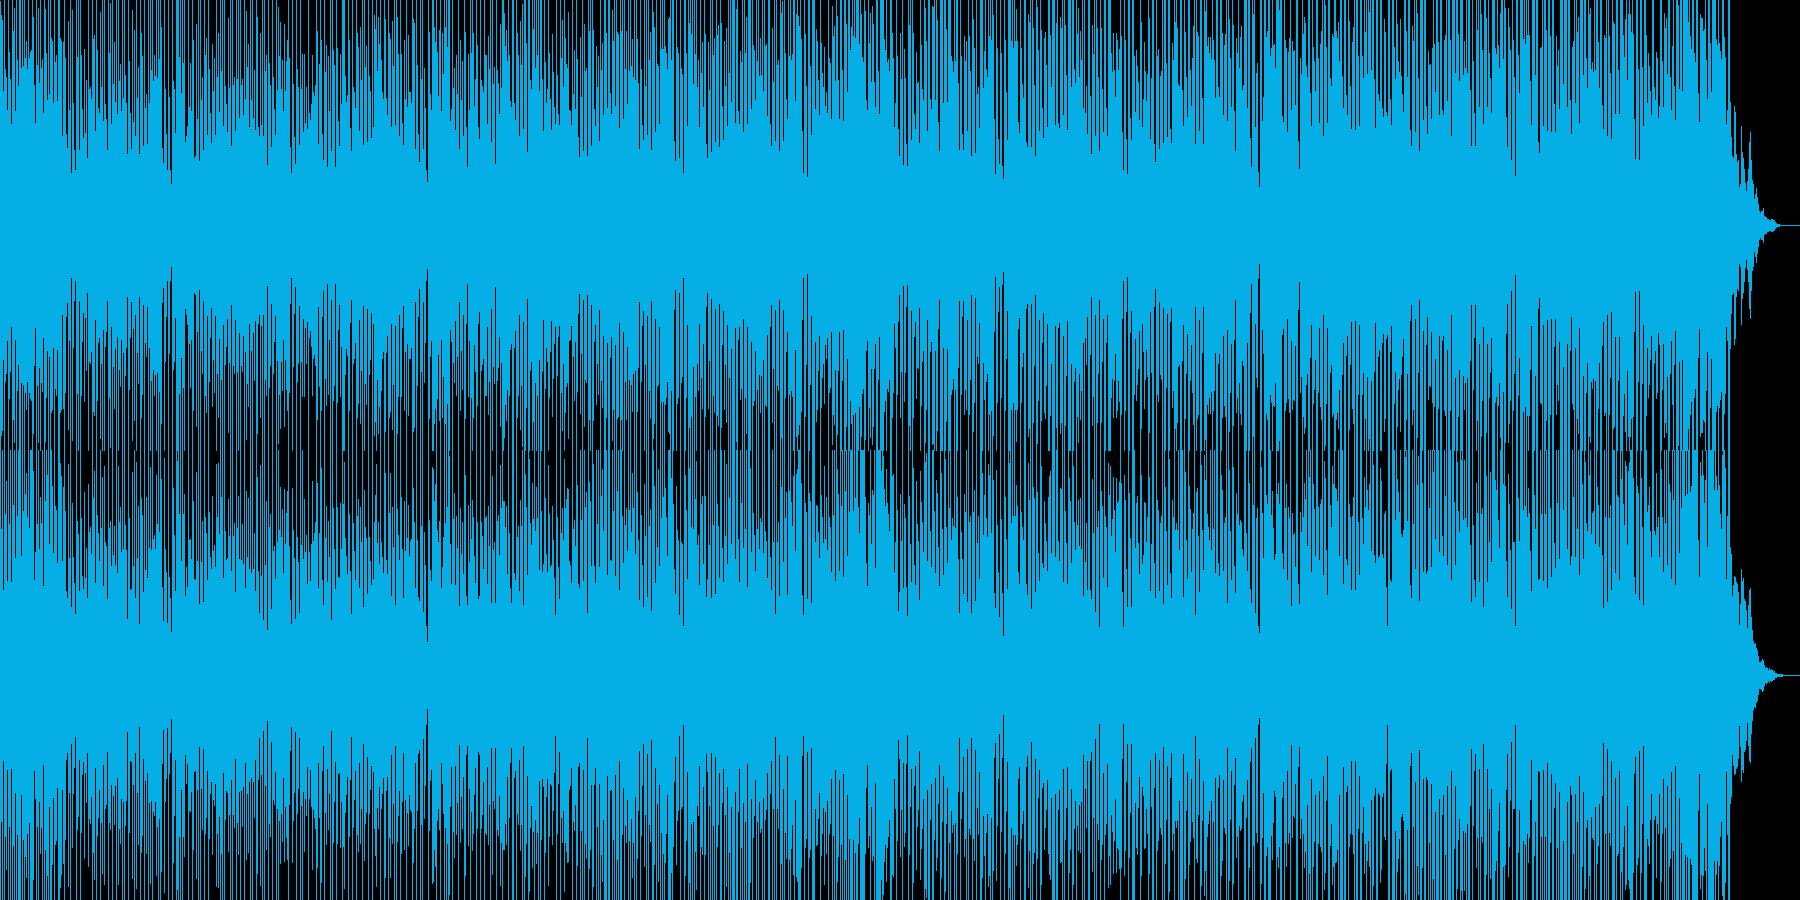 ほのぼのとした日常にぴったりな和風BGMの再生済みの波形